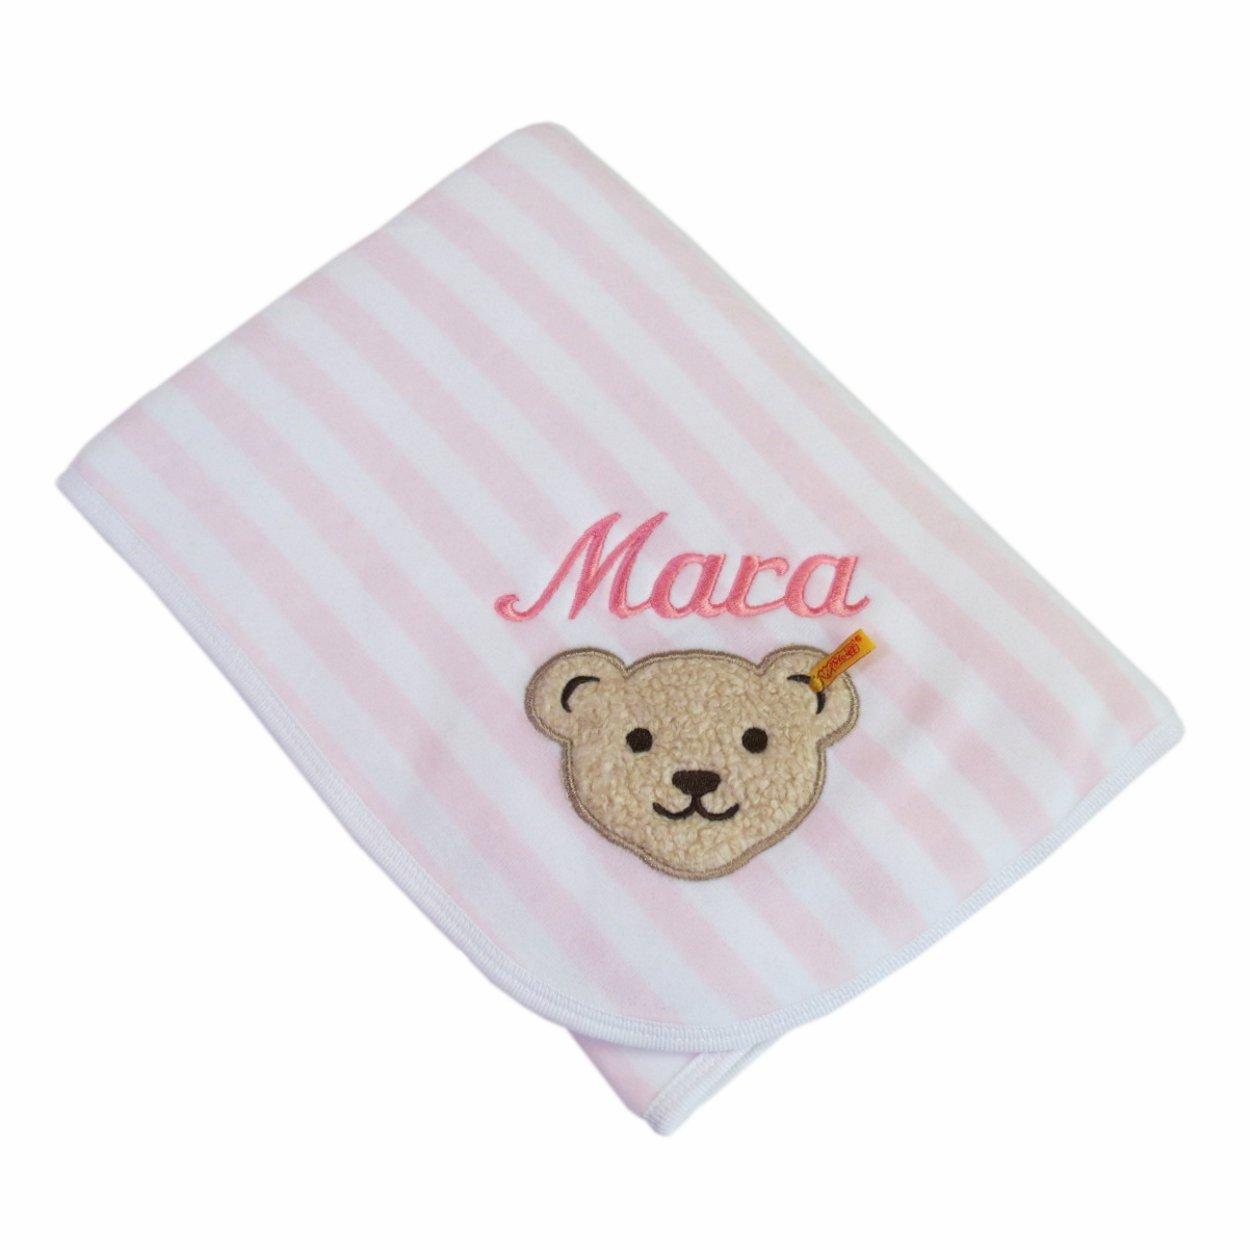 Babydecke mit Ihrem Wunsch Namen bestickt Steiff Collection 2890 rosa/weiß 90 cm x 60 cm Nicki CSB Computer-Stickerei BO Teddys